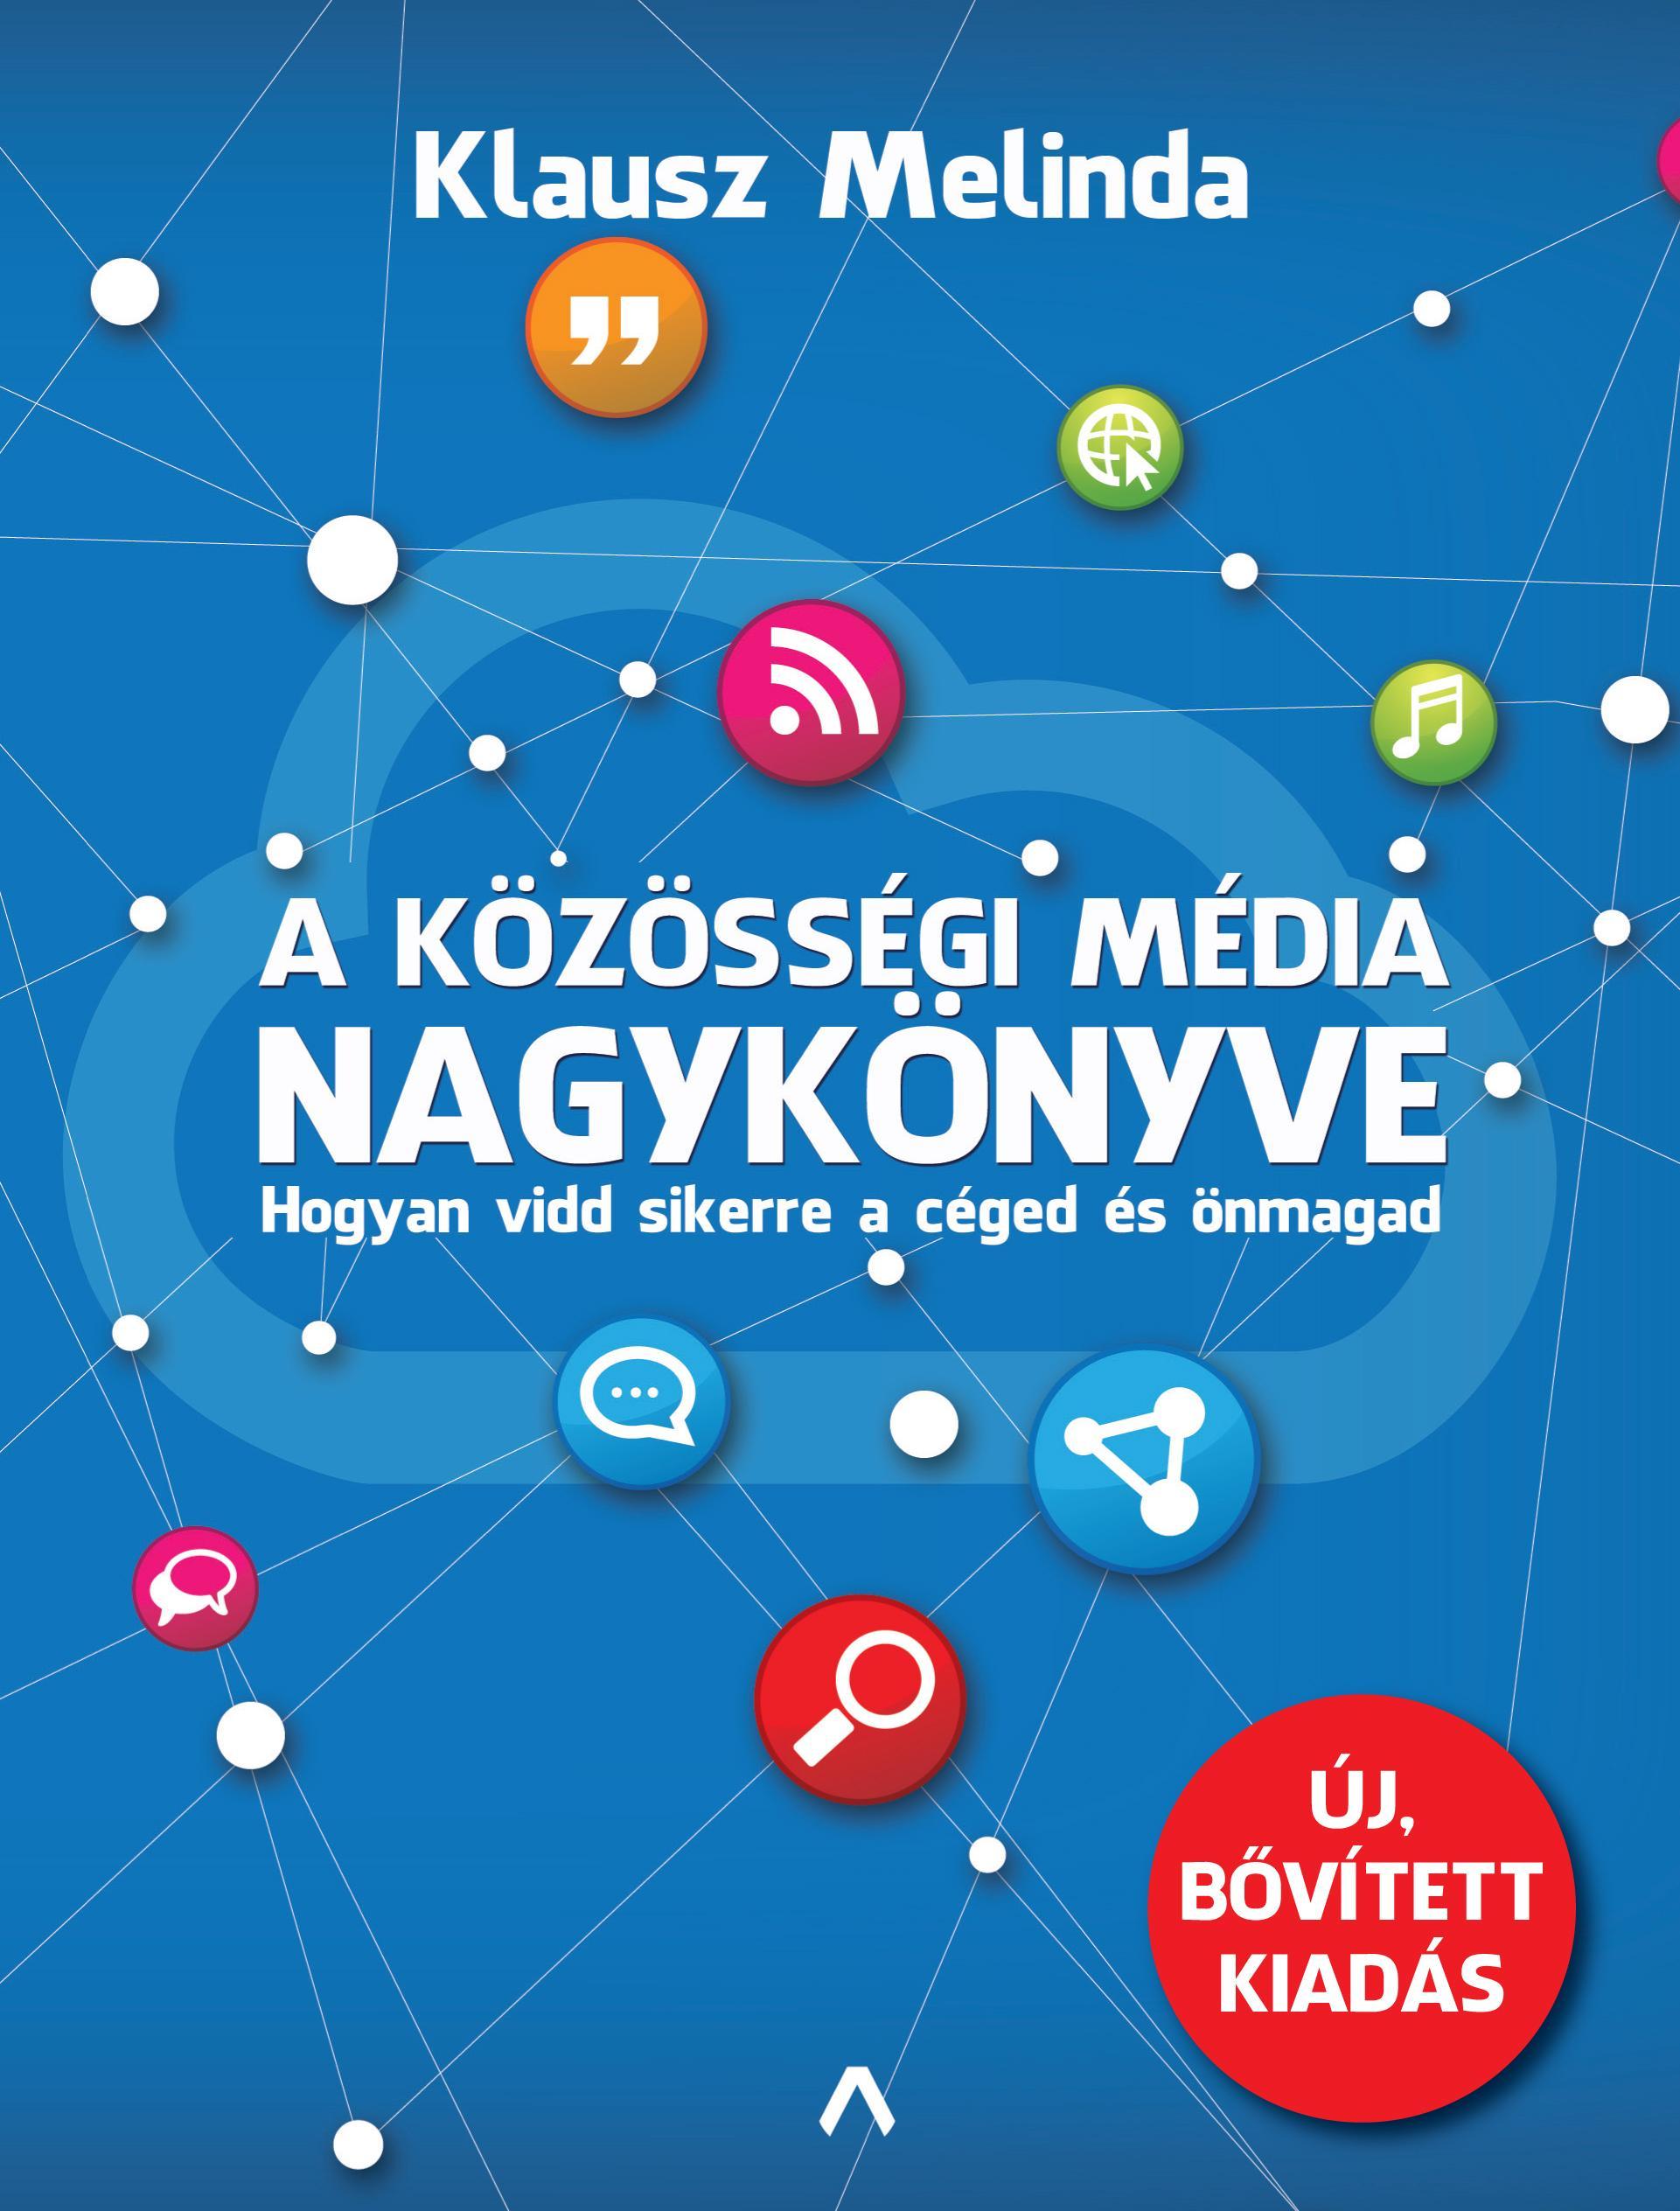 a_kozossegi_media_nagykonyve.jpg